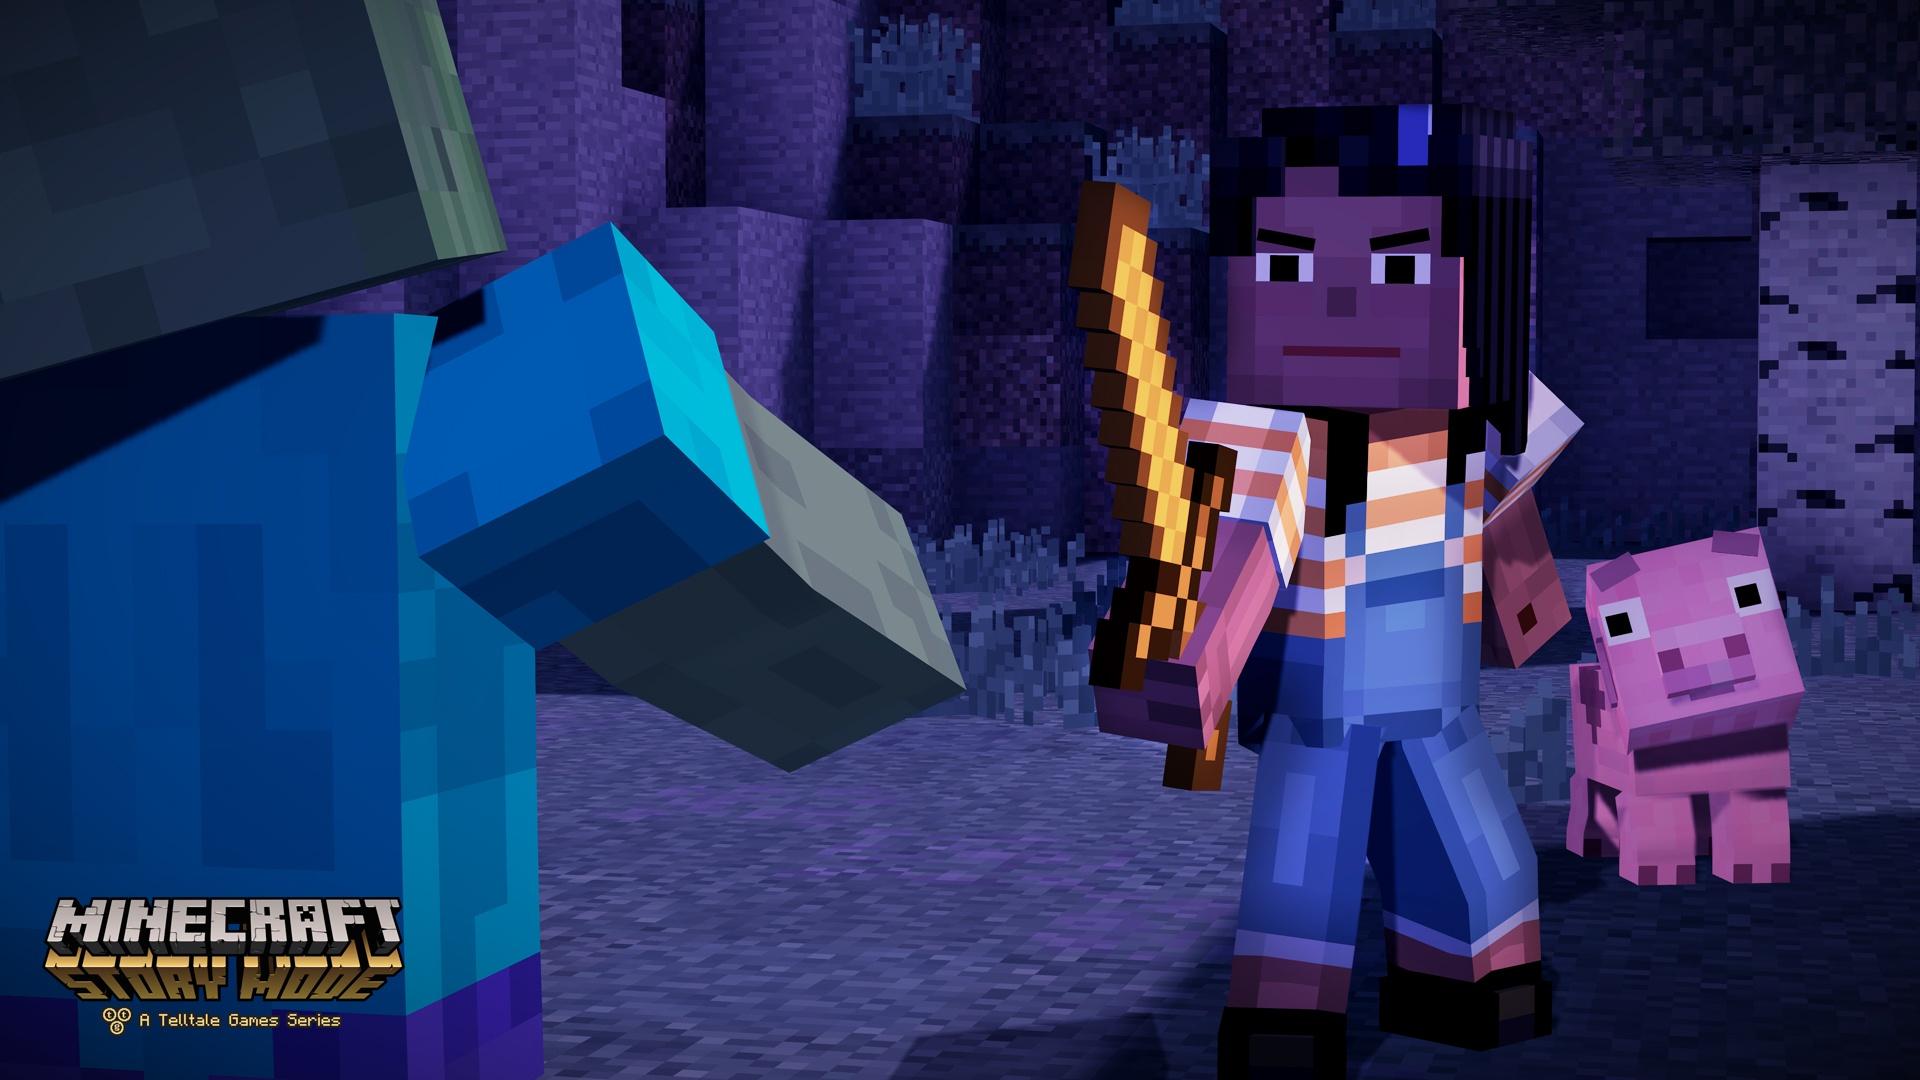 Minecraft Story Mode Kostenlos Herunterladen - Minecraft kostenlos spielen auf pc